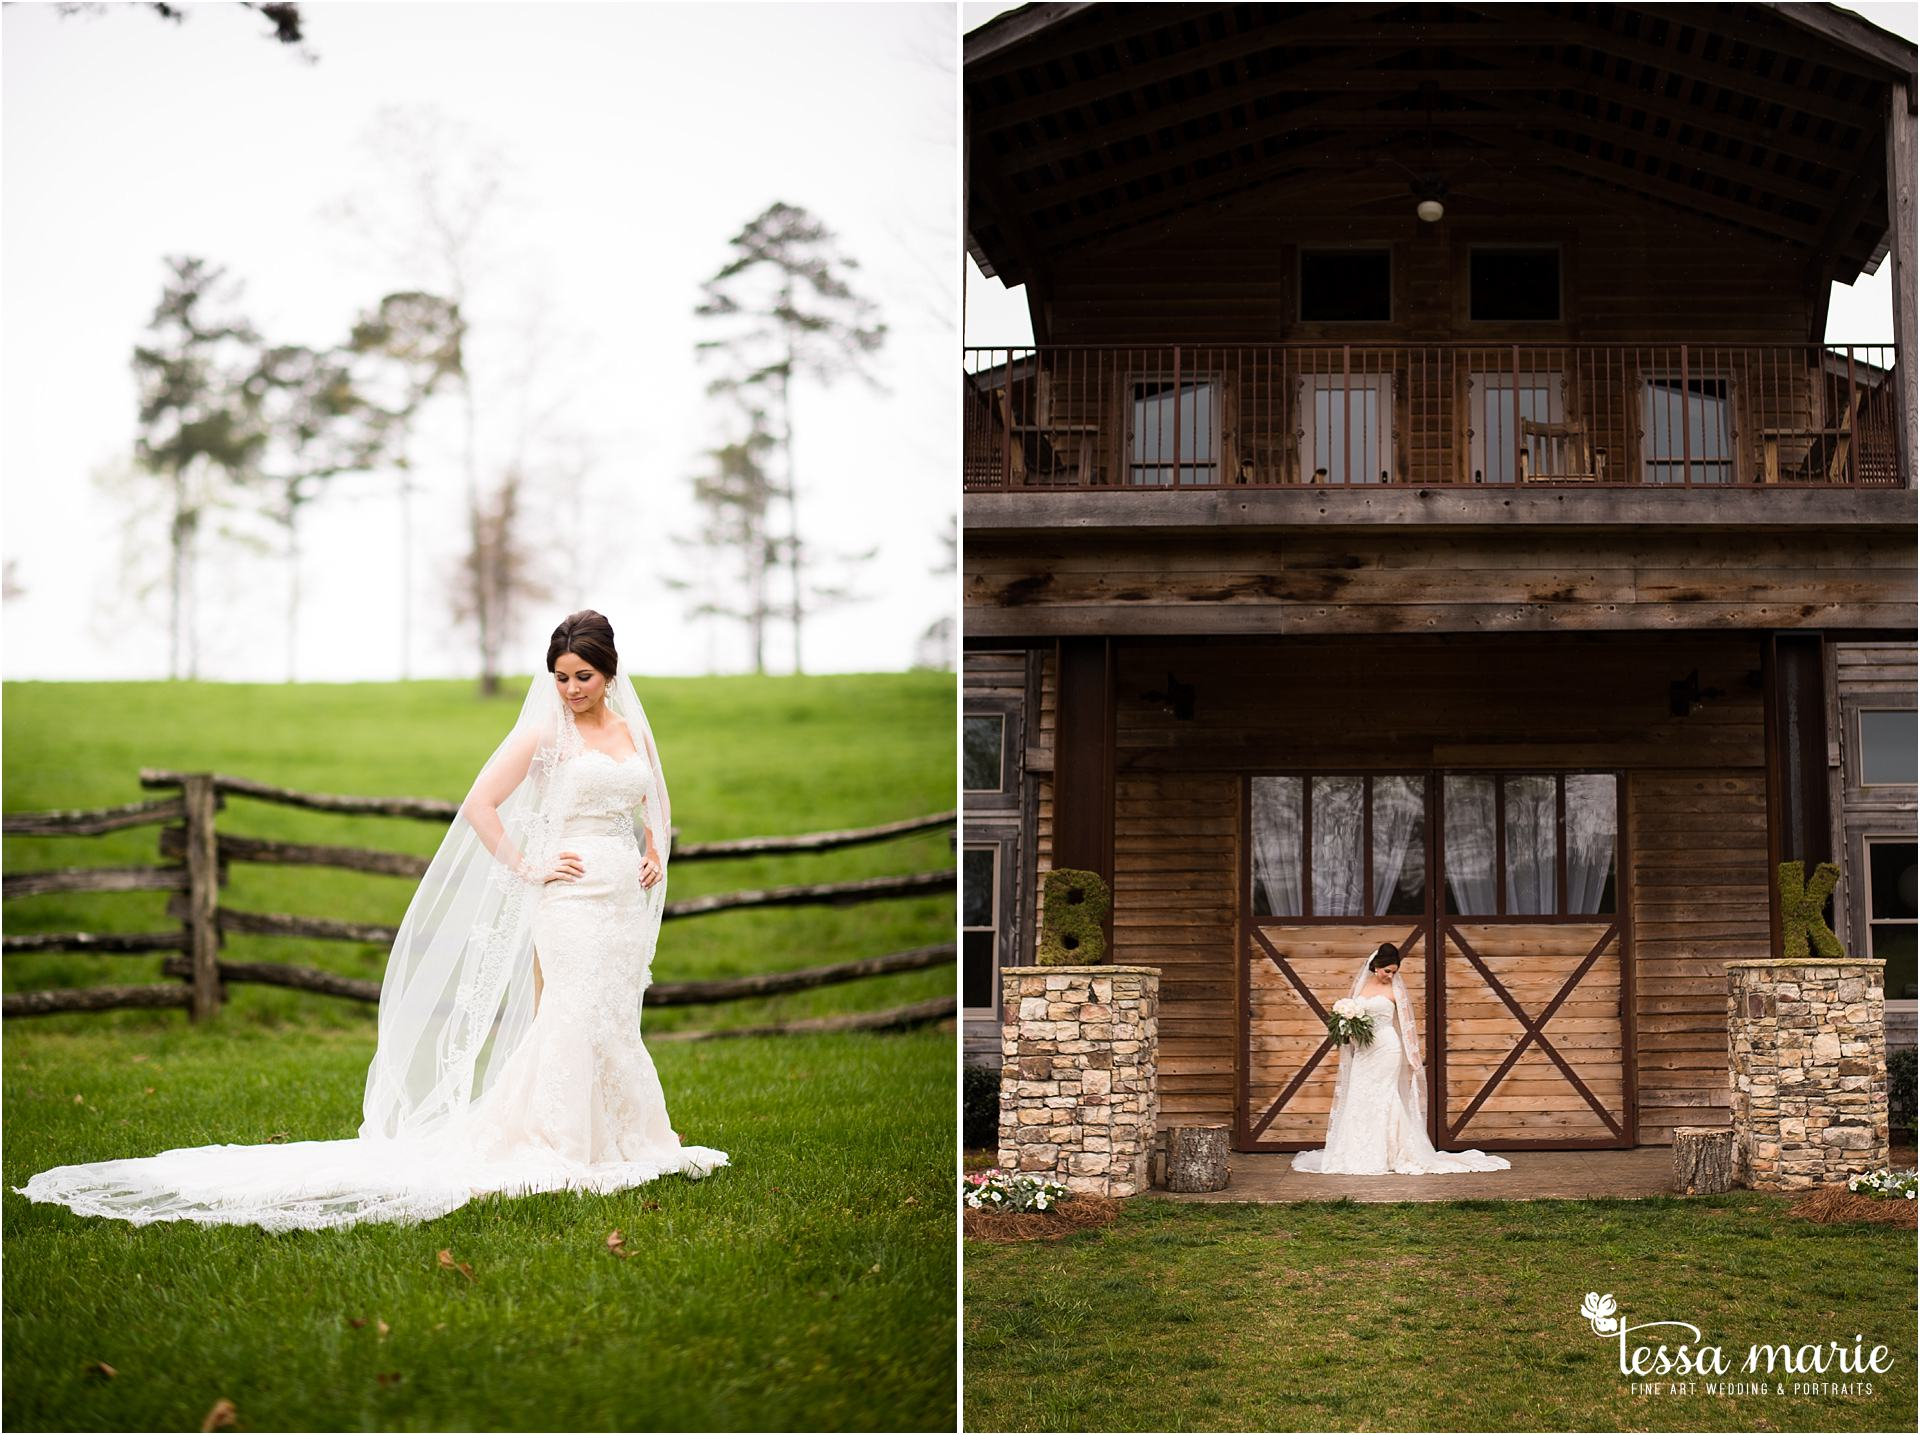 032216_brittany_kevin_wedding-30